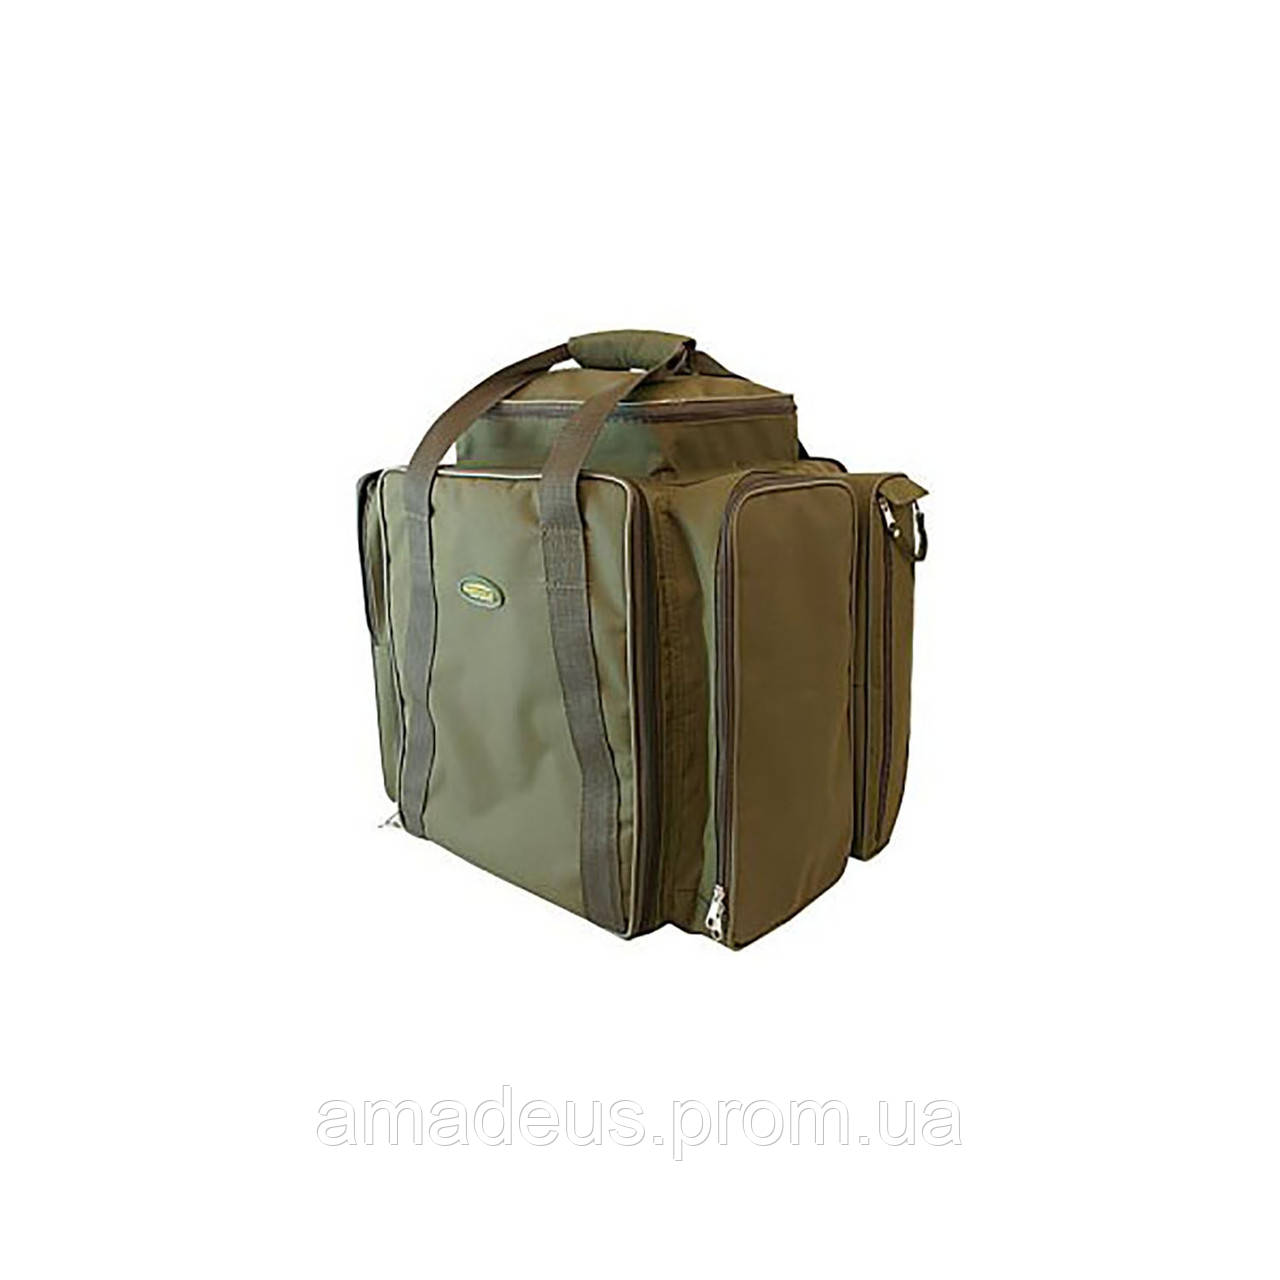 Рыбацкая сумка (без коробок) РСК-2б